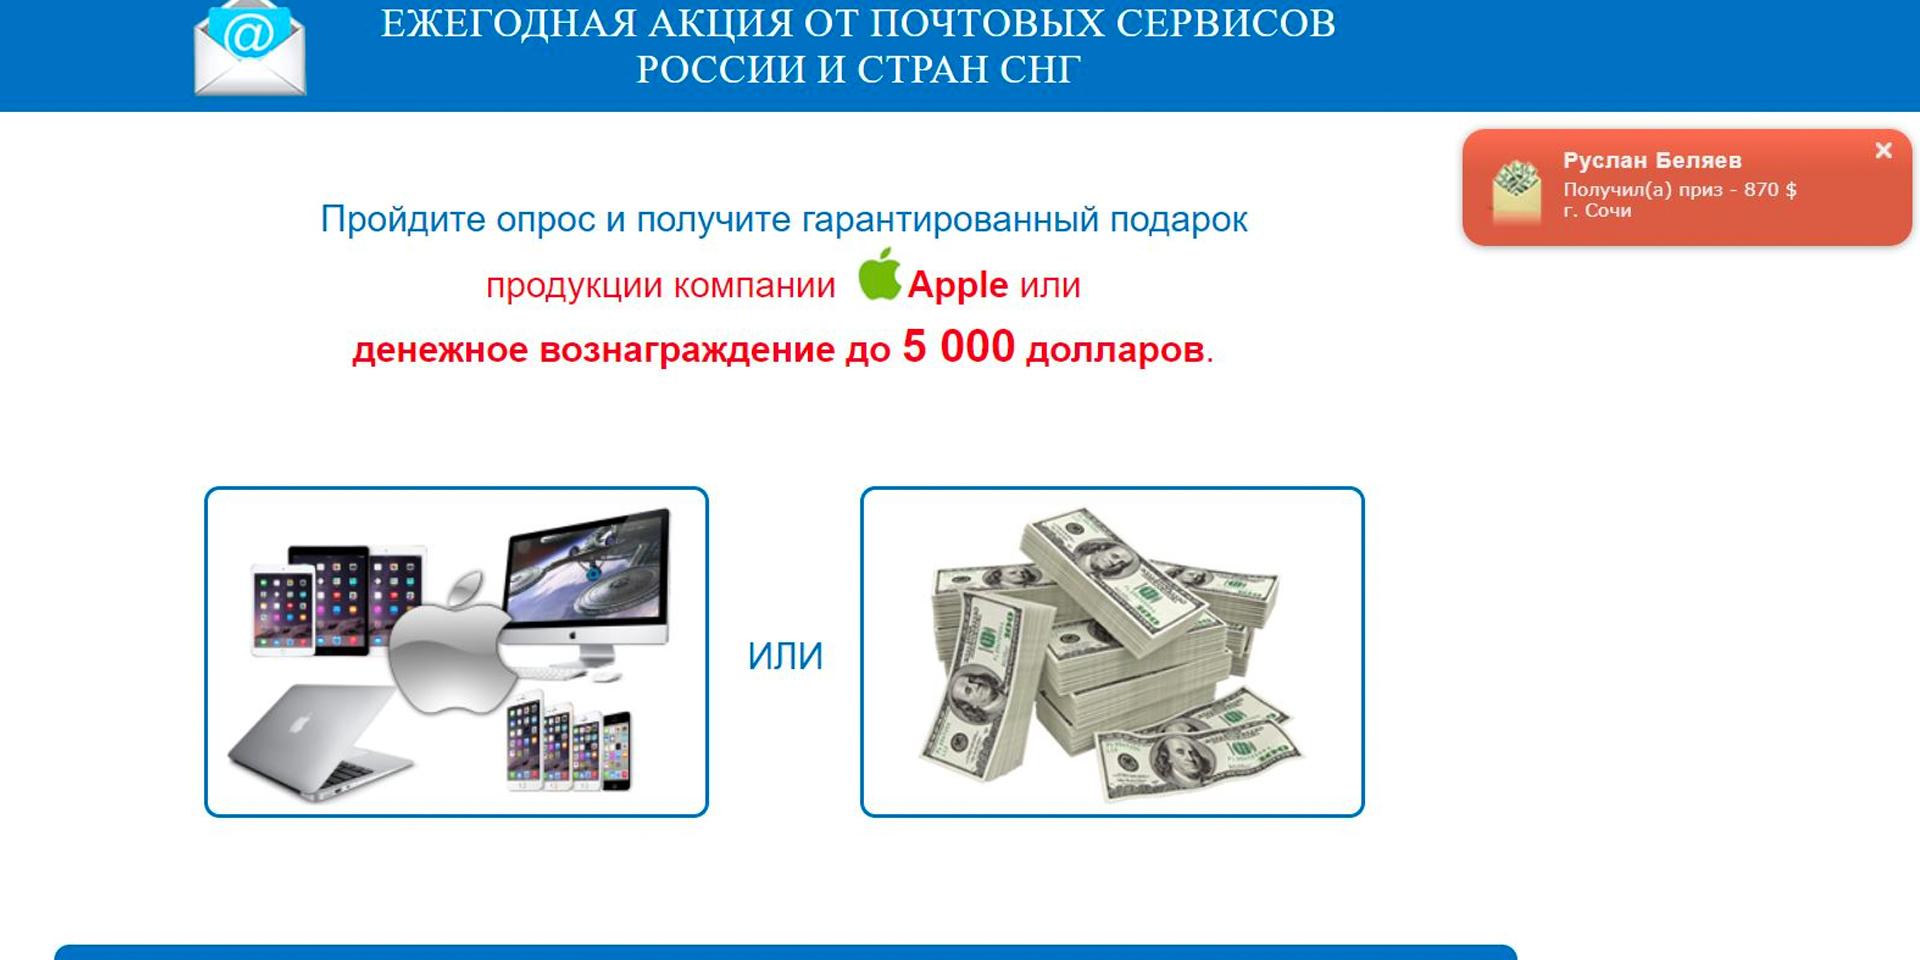 """Шахрайський сайт-опитування """"Щорічна акція від поштових сервісів країн СНД"""""""